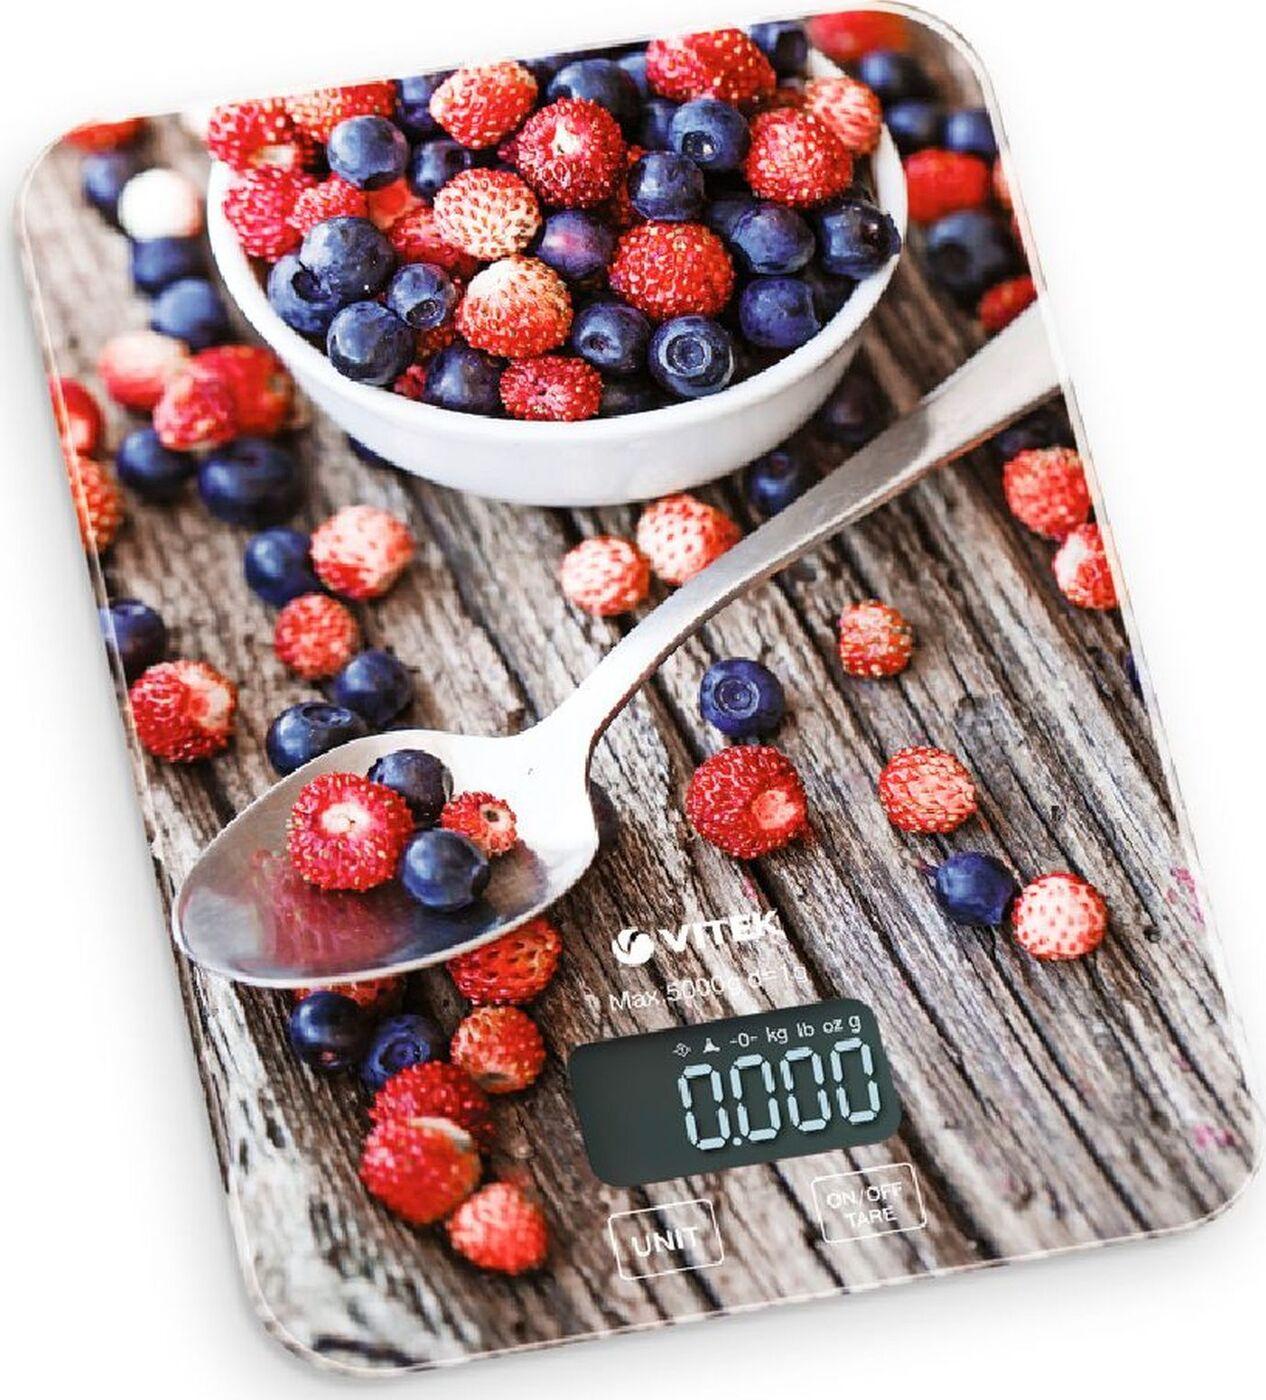 8000-VT(MC) Весы кухонные VITEK Максимальный вес 5 кг, Цена деления 1г.LCD дисплей 57х25.6 mm.